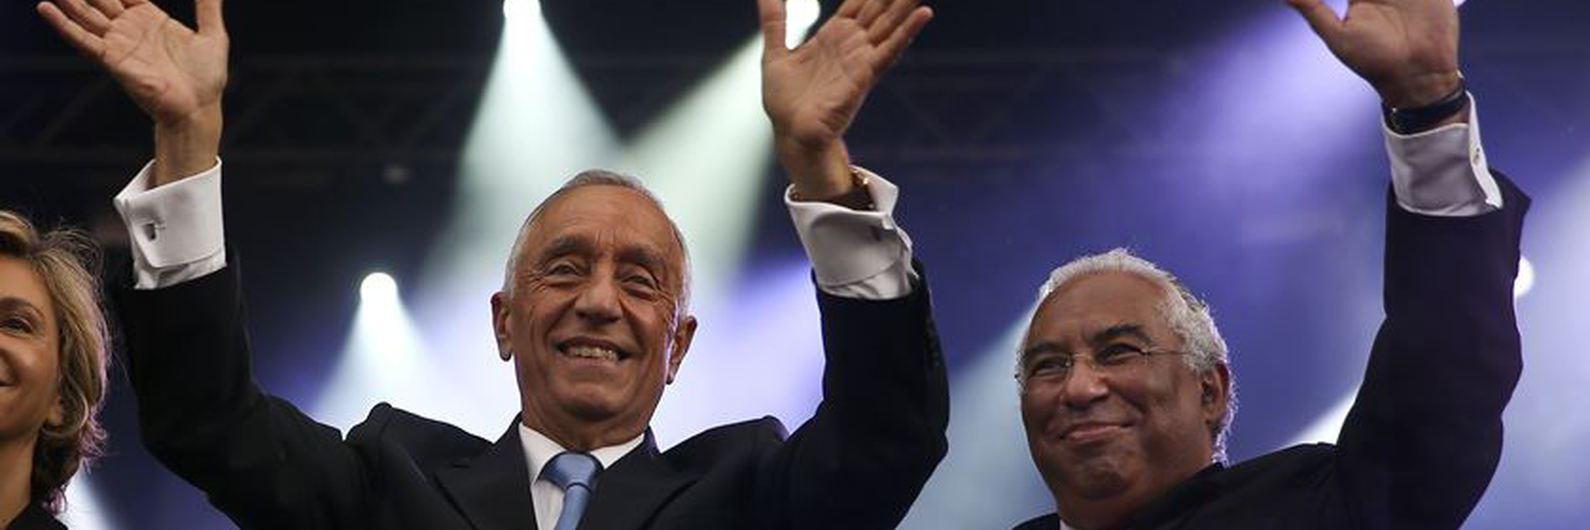 Marcelo invocou vazio inexistente. Costa não acertou no pagamento da descida da TSU